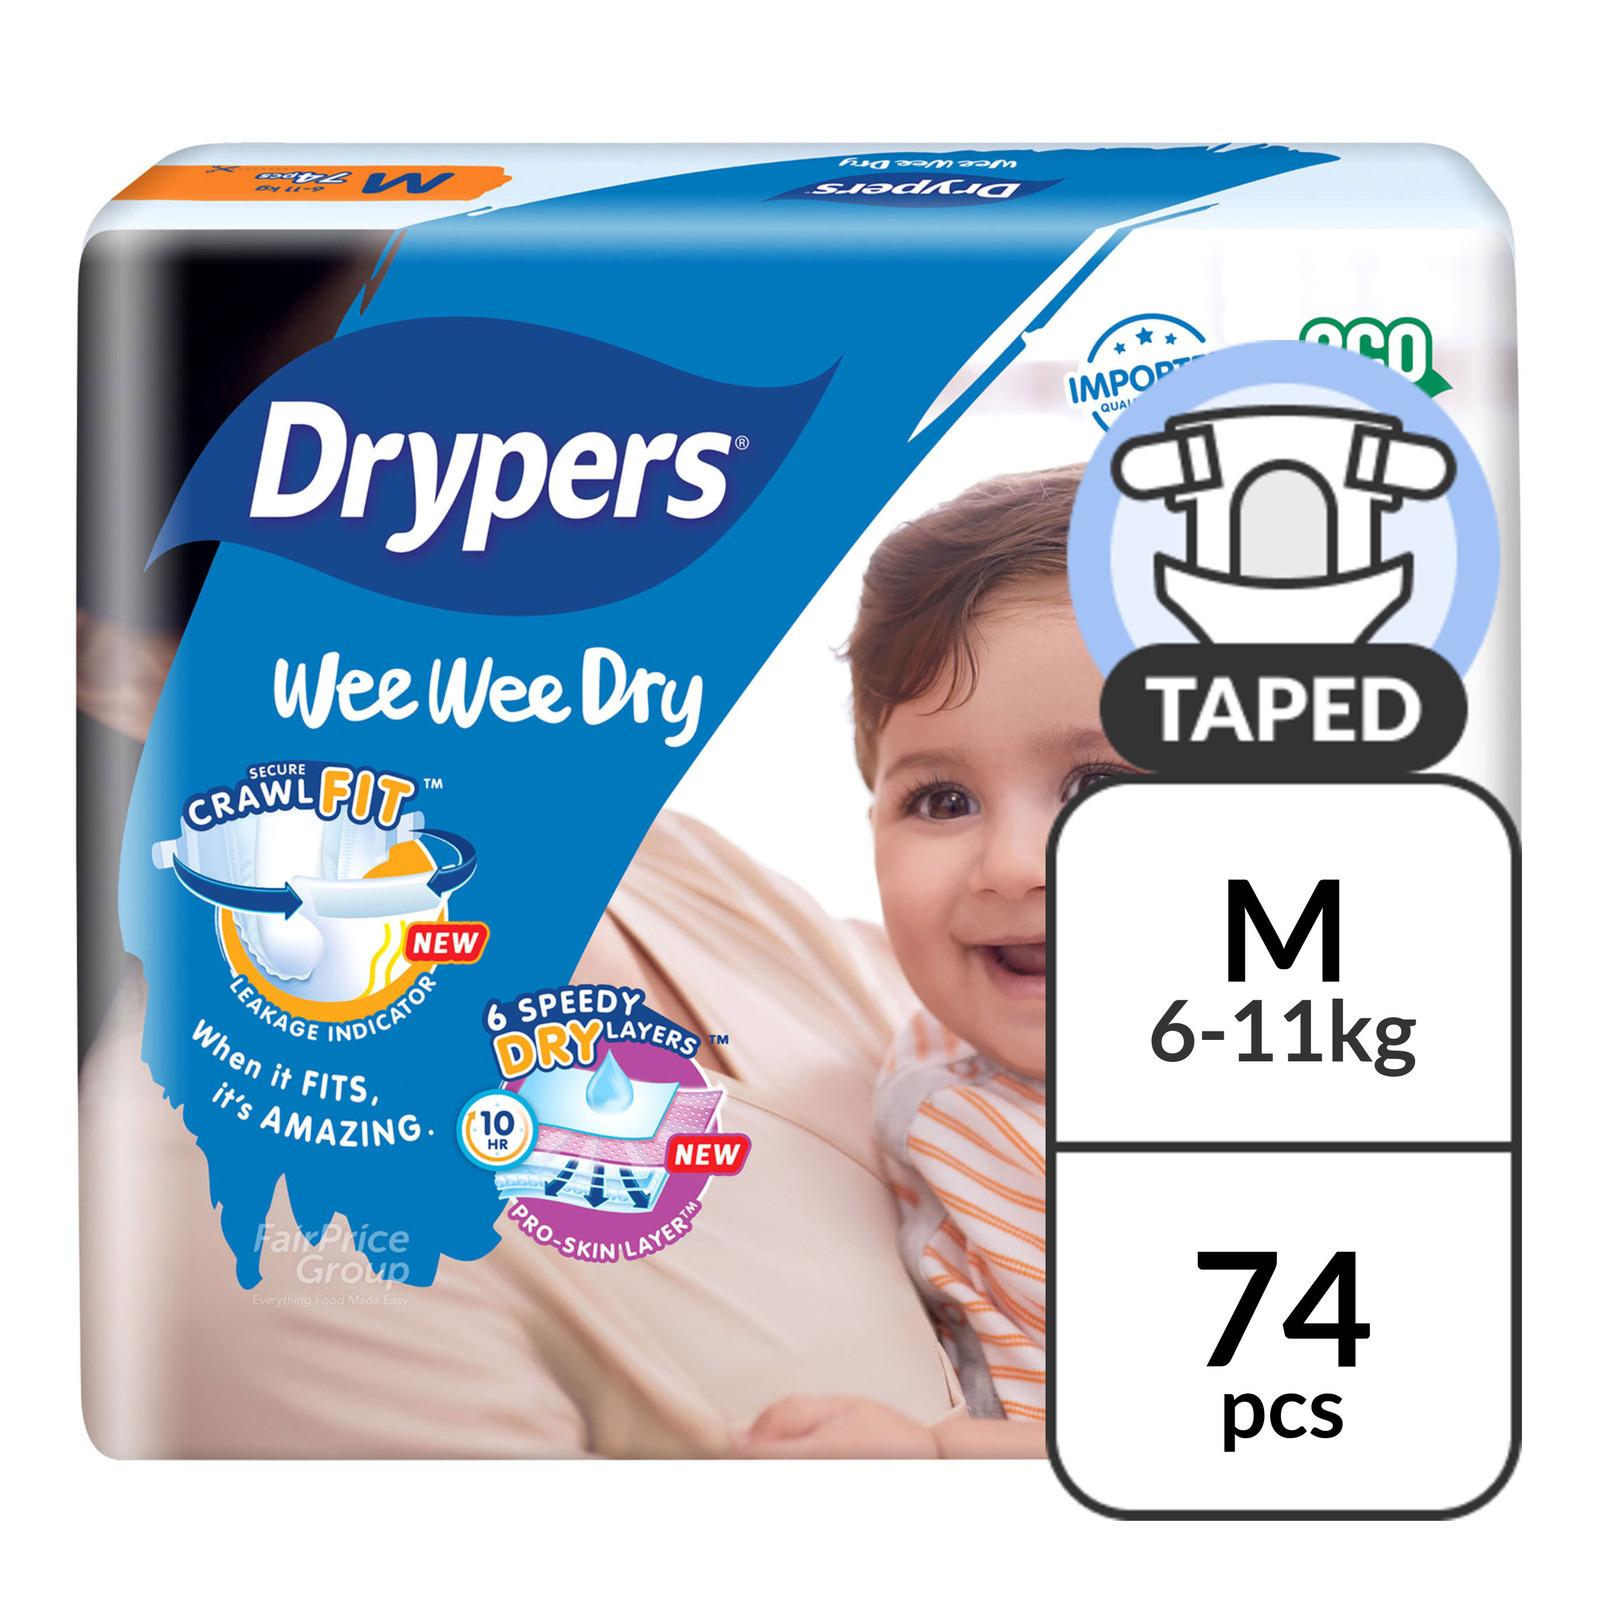 Drypers Wee Wee Dry Diapers - M (6 - 11kg)